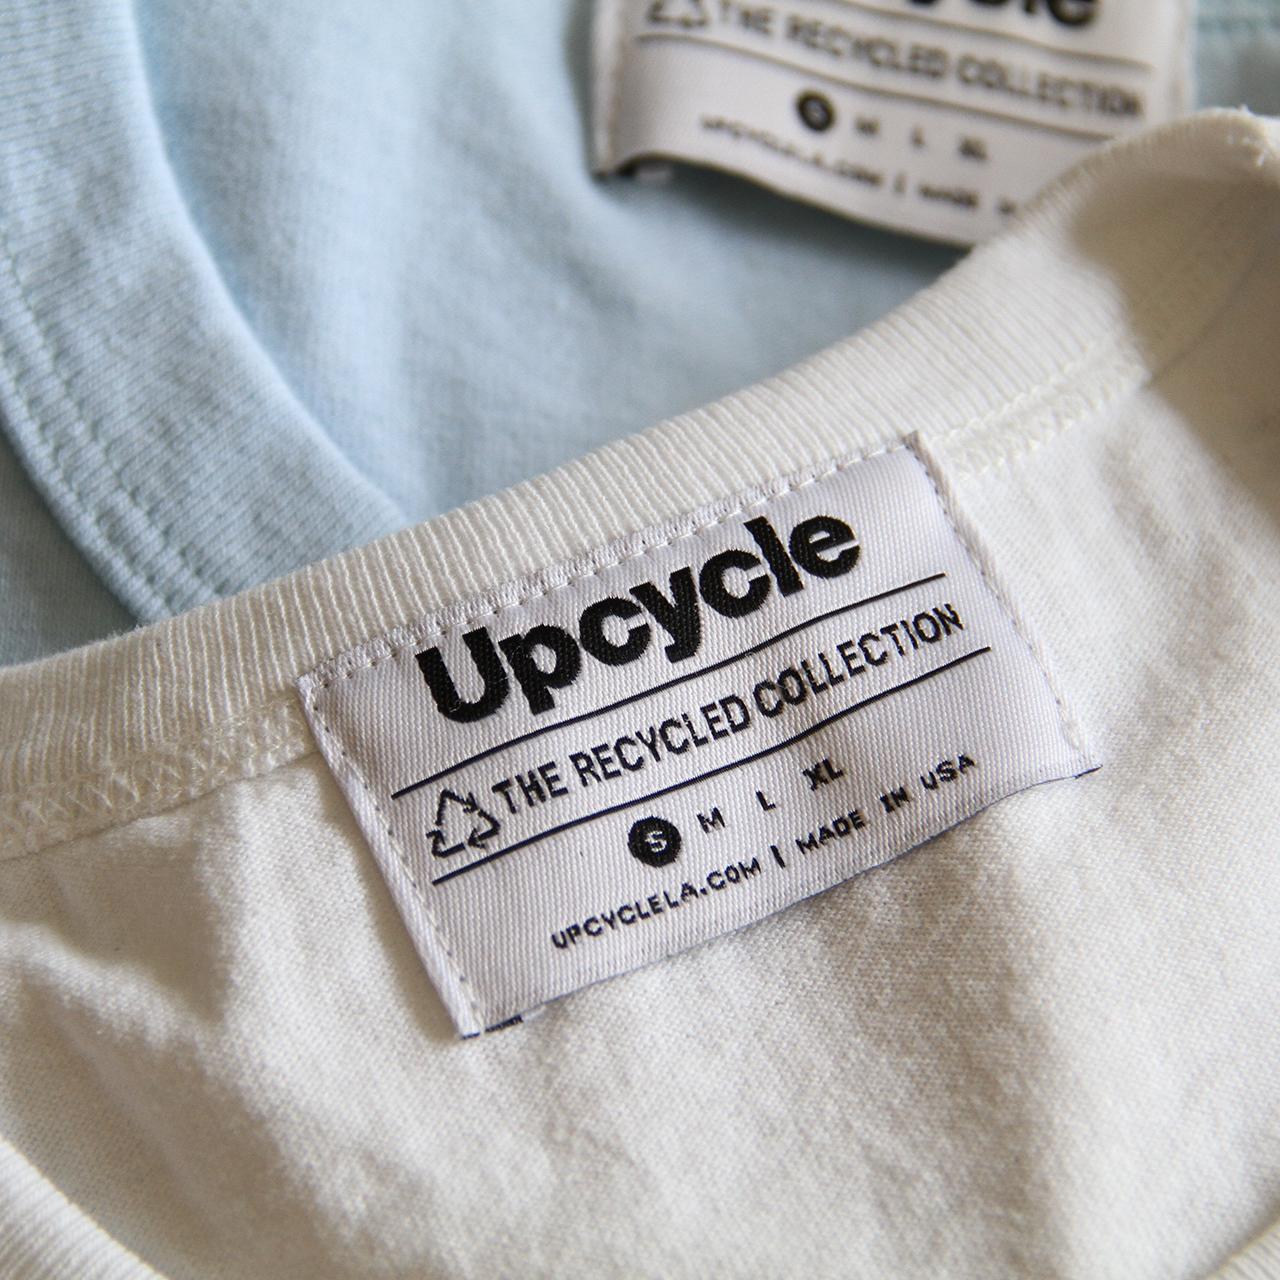 【UP CYCLE】アメリカ生まれのタフで優しい TEE シャツ。